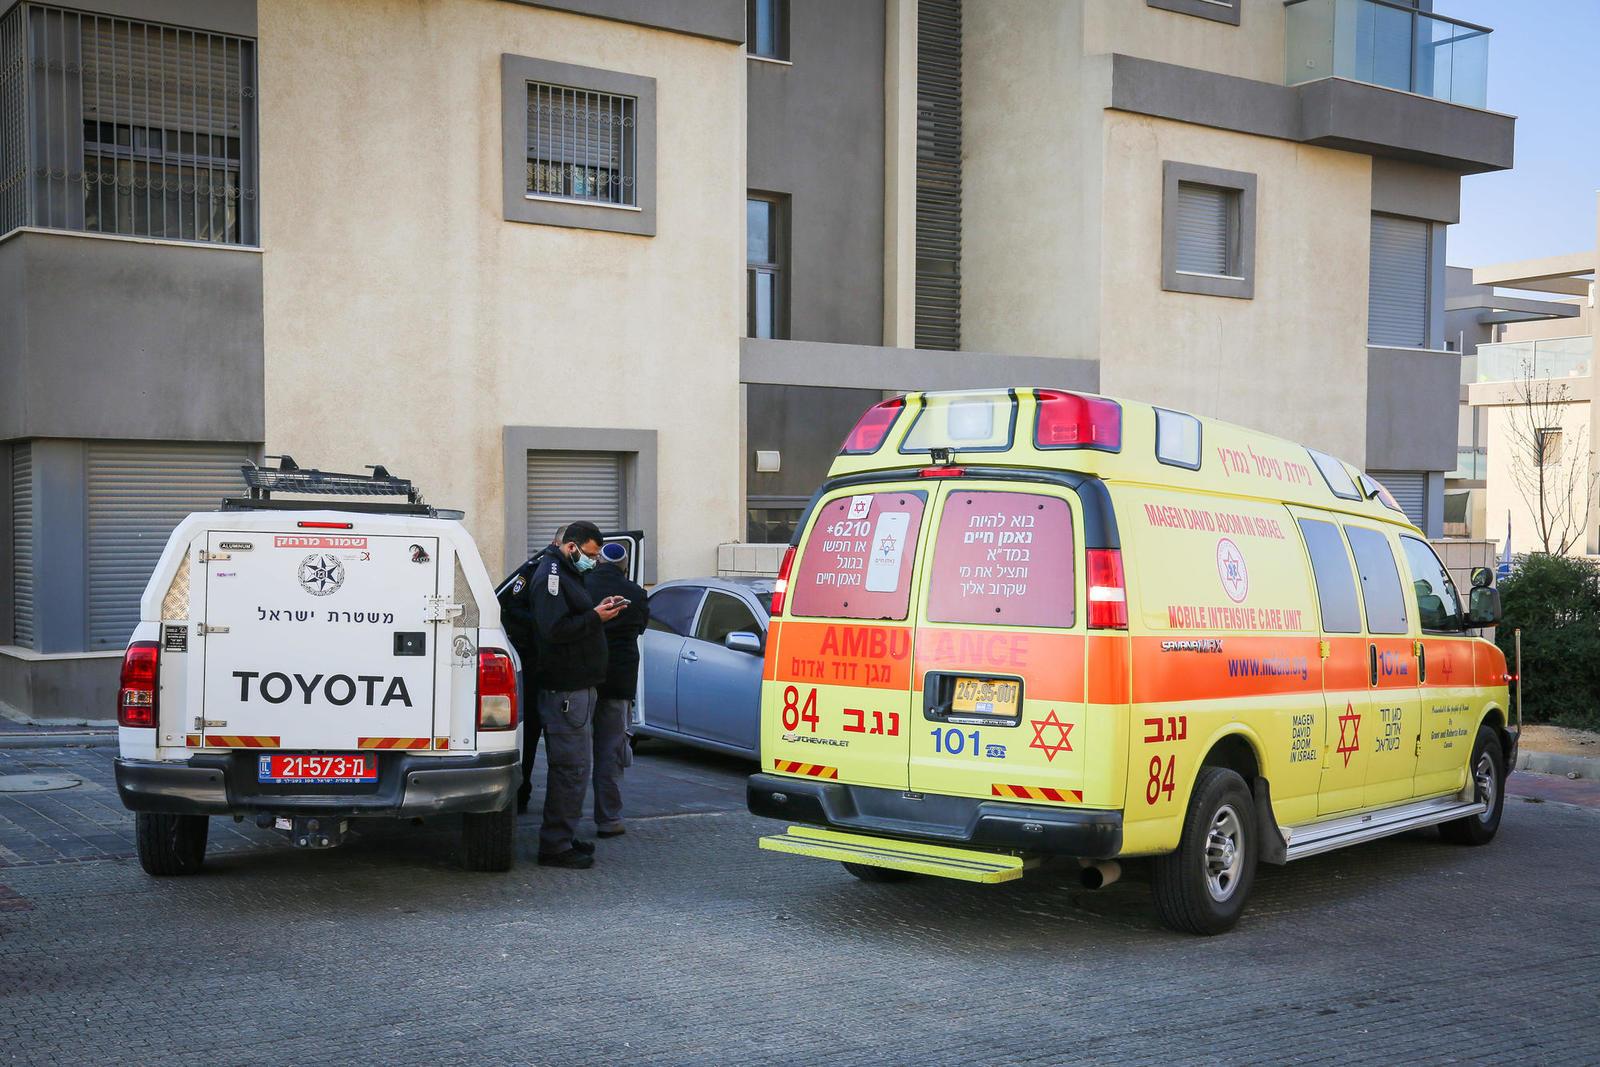 Бывший муж убитой в Иерухаме Лэтришии Лэни Пойнтер: «Это все из-за эпидемии»